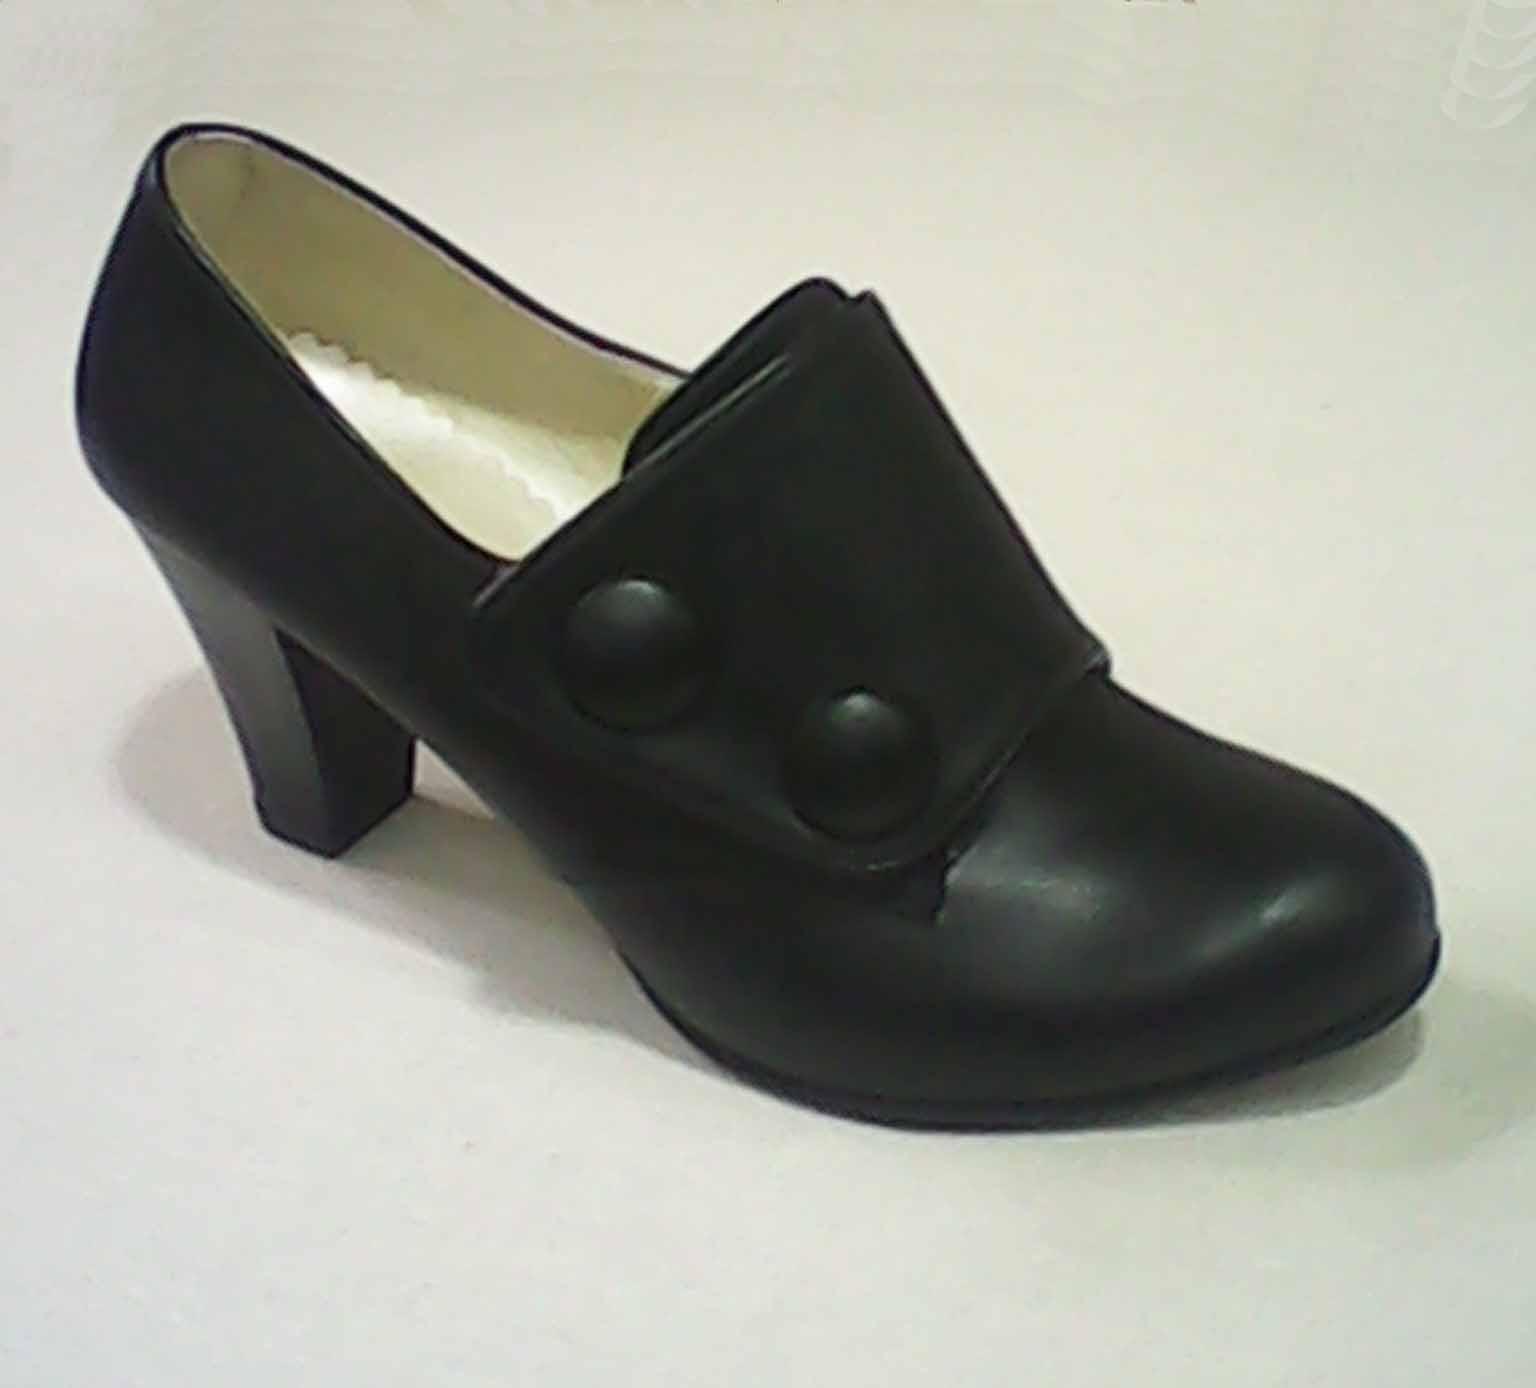 کفش زنانه سایز کوچک – خرید لباس زنانه مردانه مد لباس مانتو شلوار ...کفش زنانه سایز کوچک